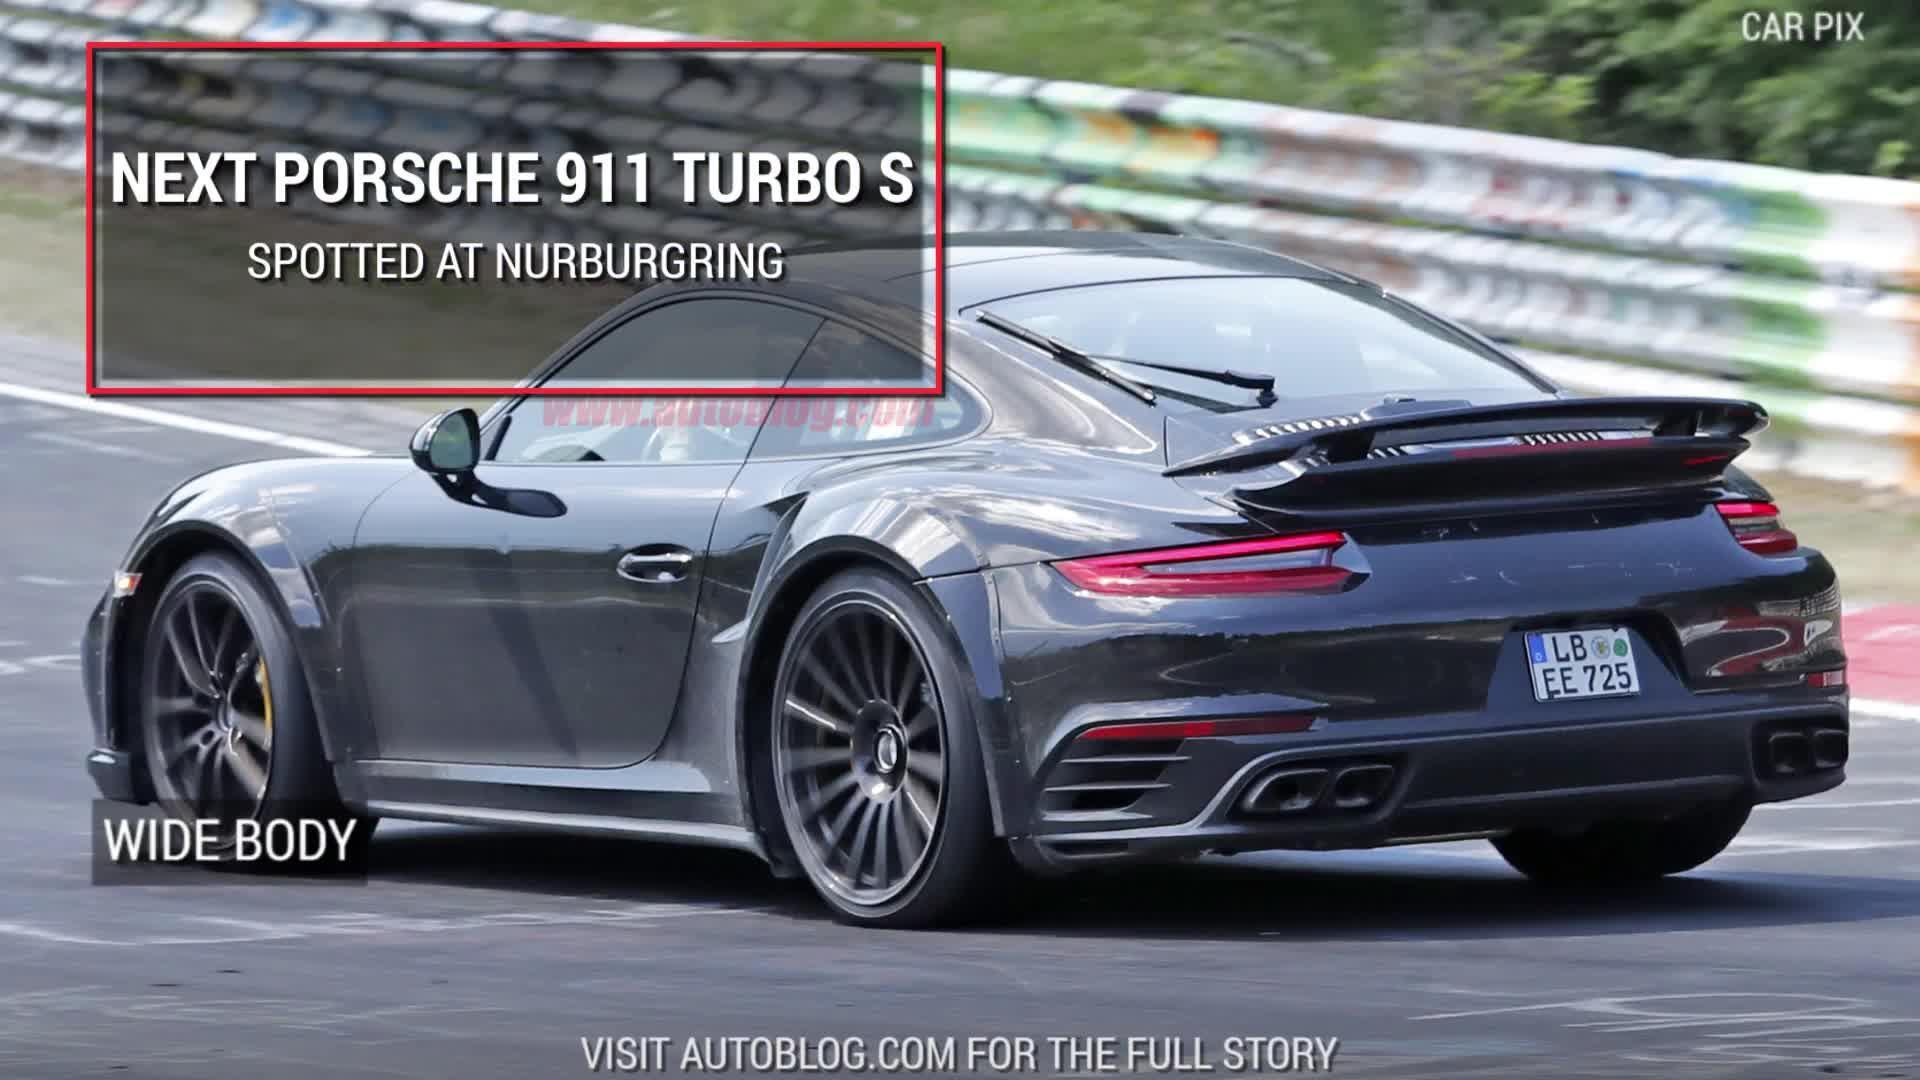 594965f89e6fb34443f38630_o_A_v2 Amazing Porsche 911 Gt2 Rs Engine Cars Trend